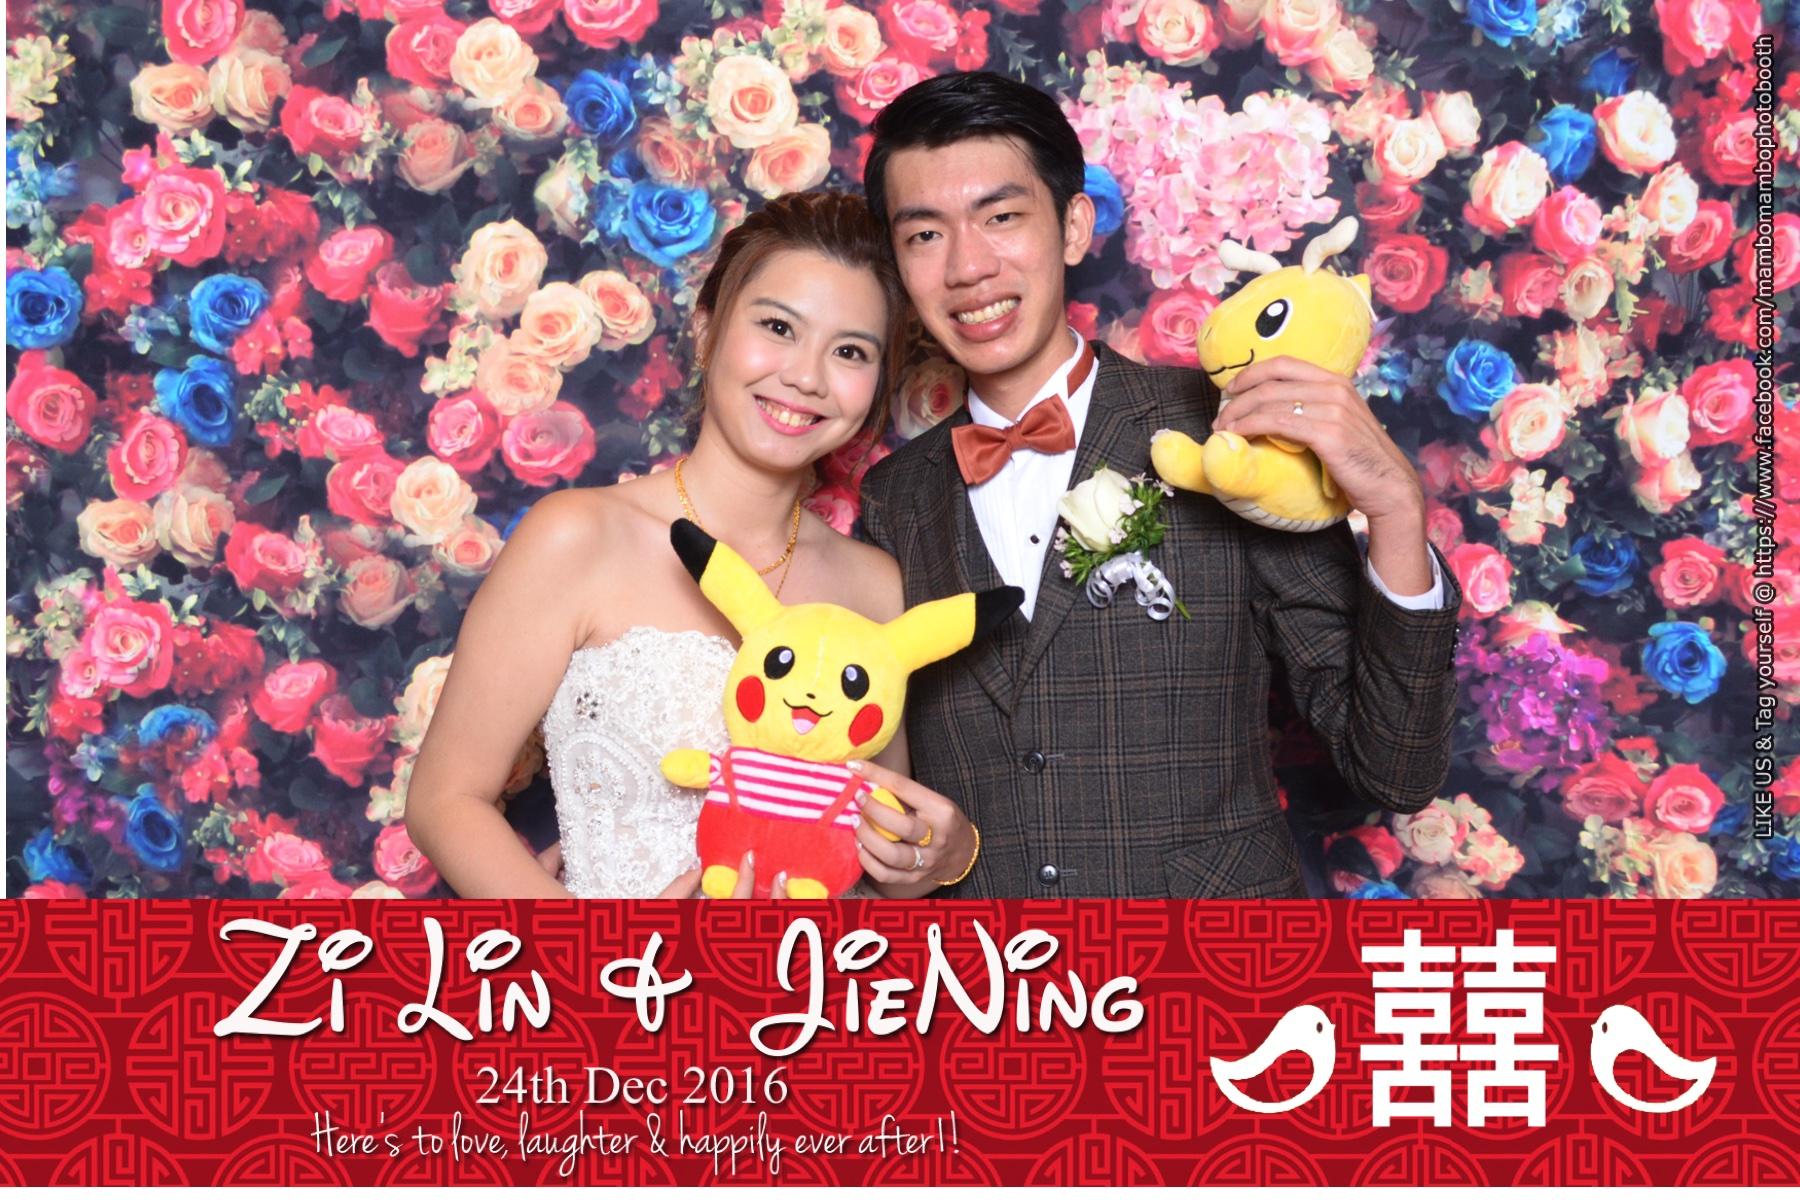 ZiLin & JieNing